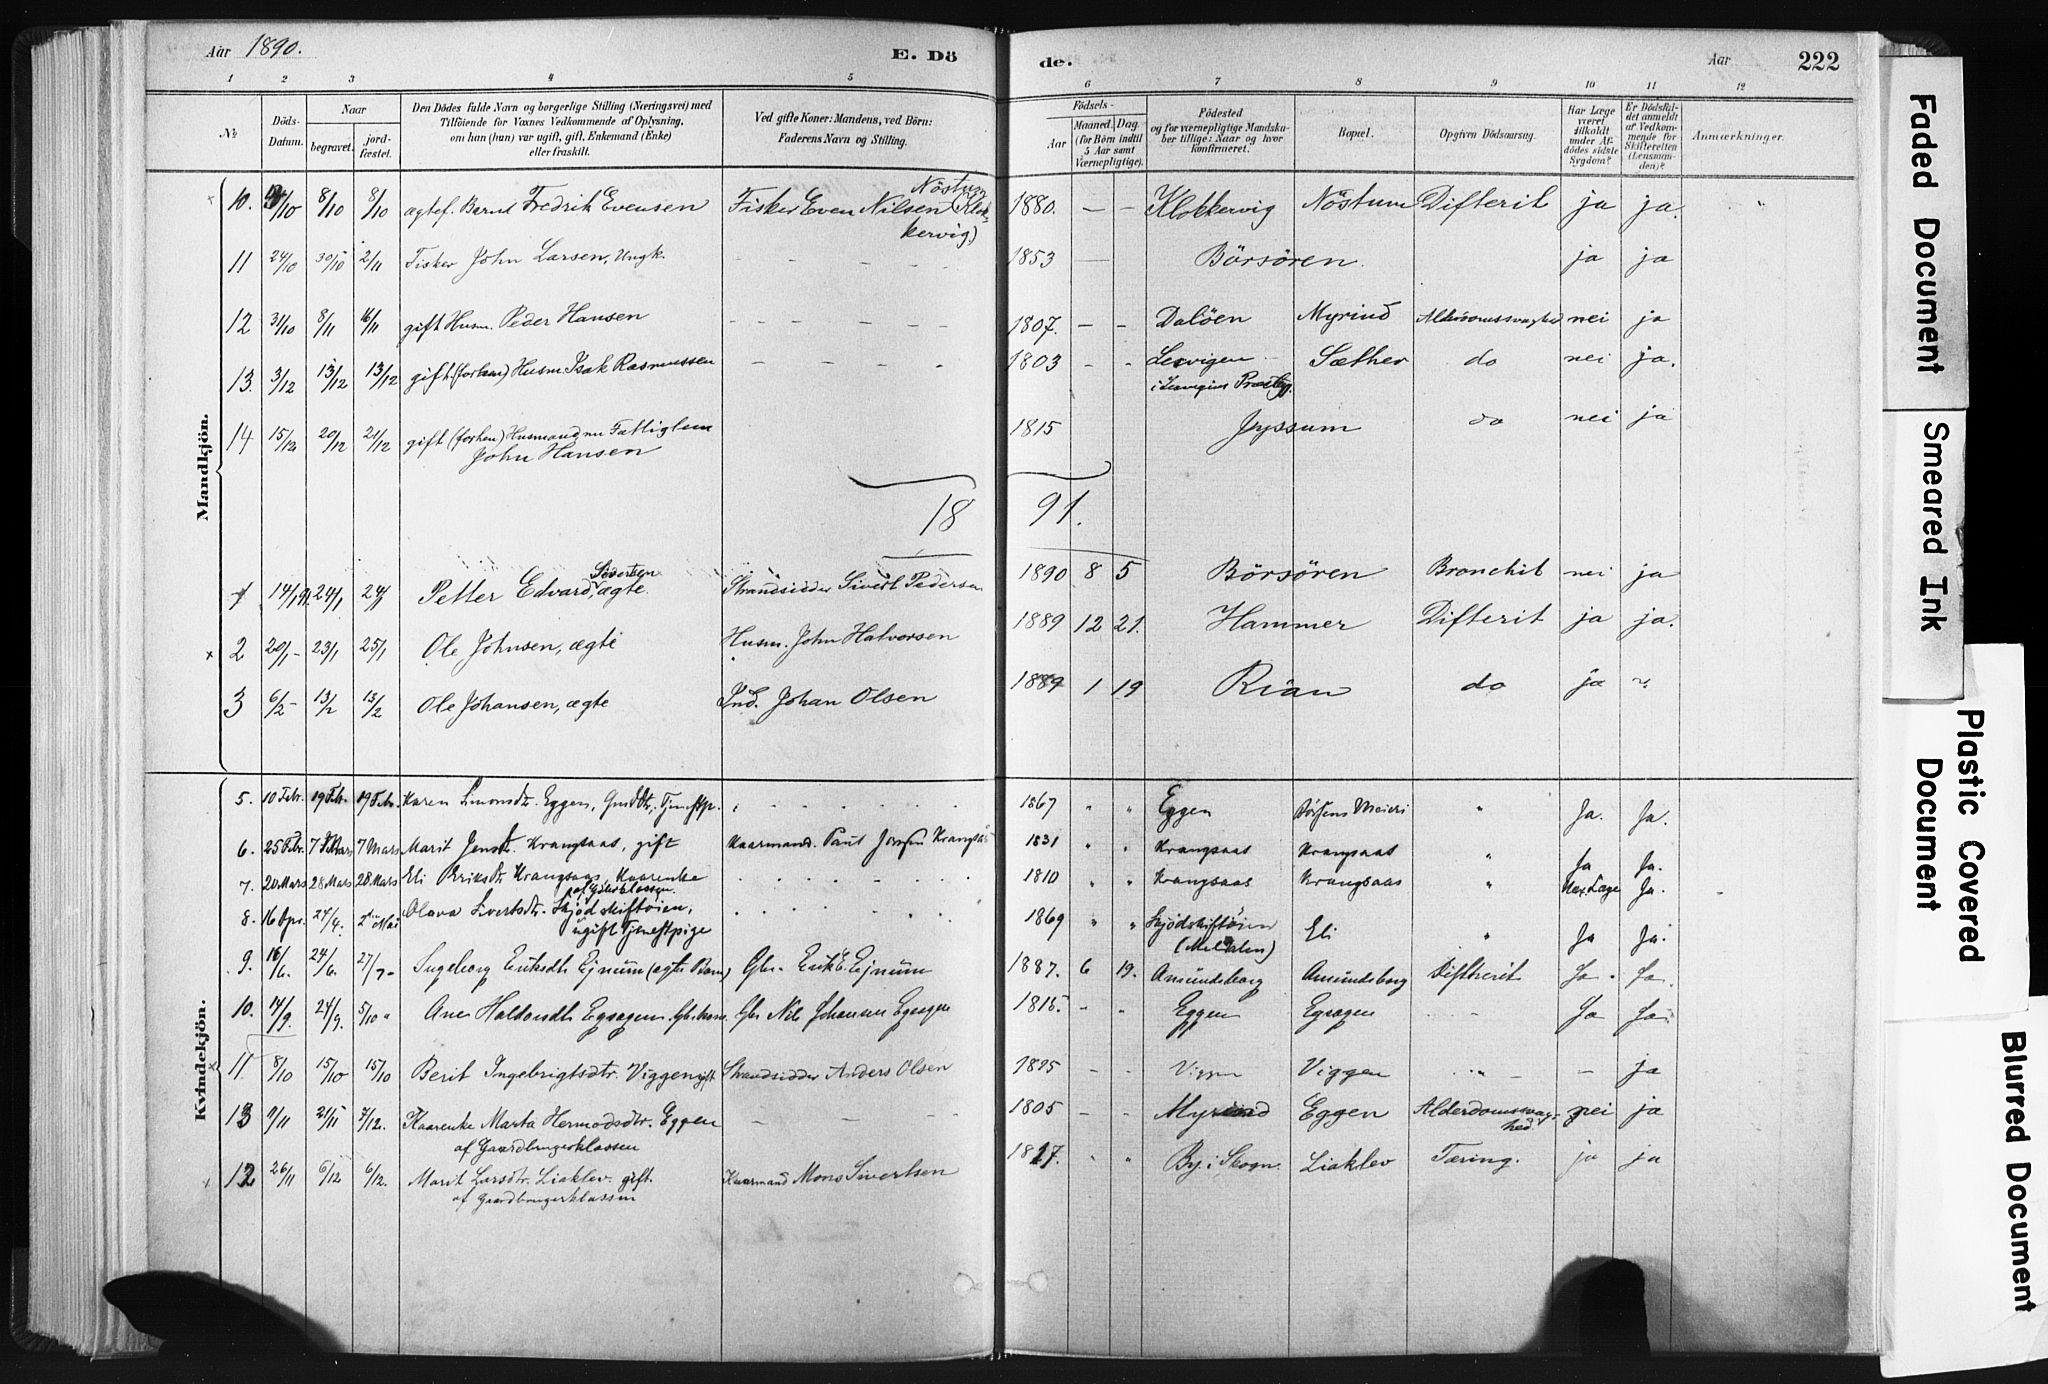 SAT, Ministerialprotokoller, klokkerbøker og fødselsregistre - Sør-Trøndelag, 665/L0773: Ministerialbok nr. 665A08, 1879-1905, s. 222